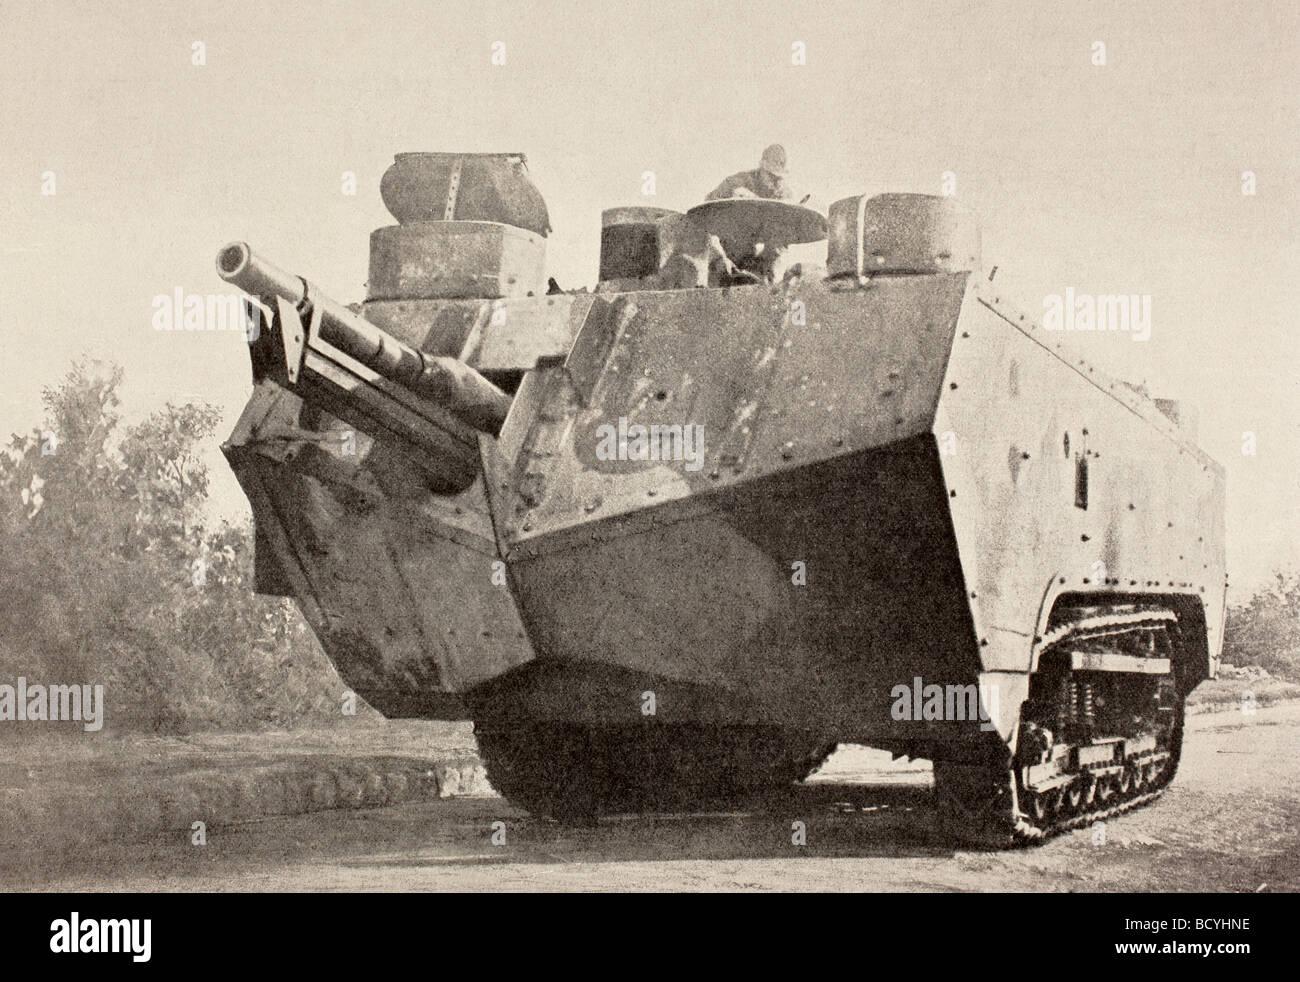 Ersten Weltkrieg Französisch assault Tank mit Schnellfeuer Kanone bewaffnet. Stockbild